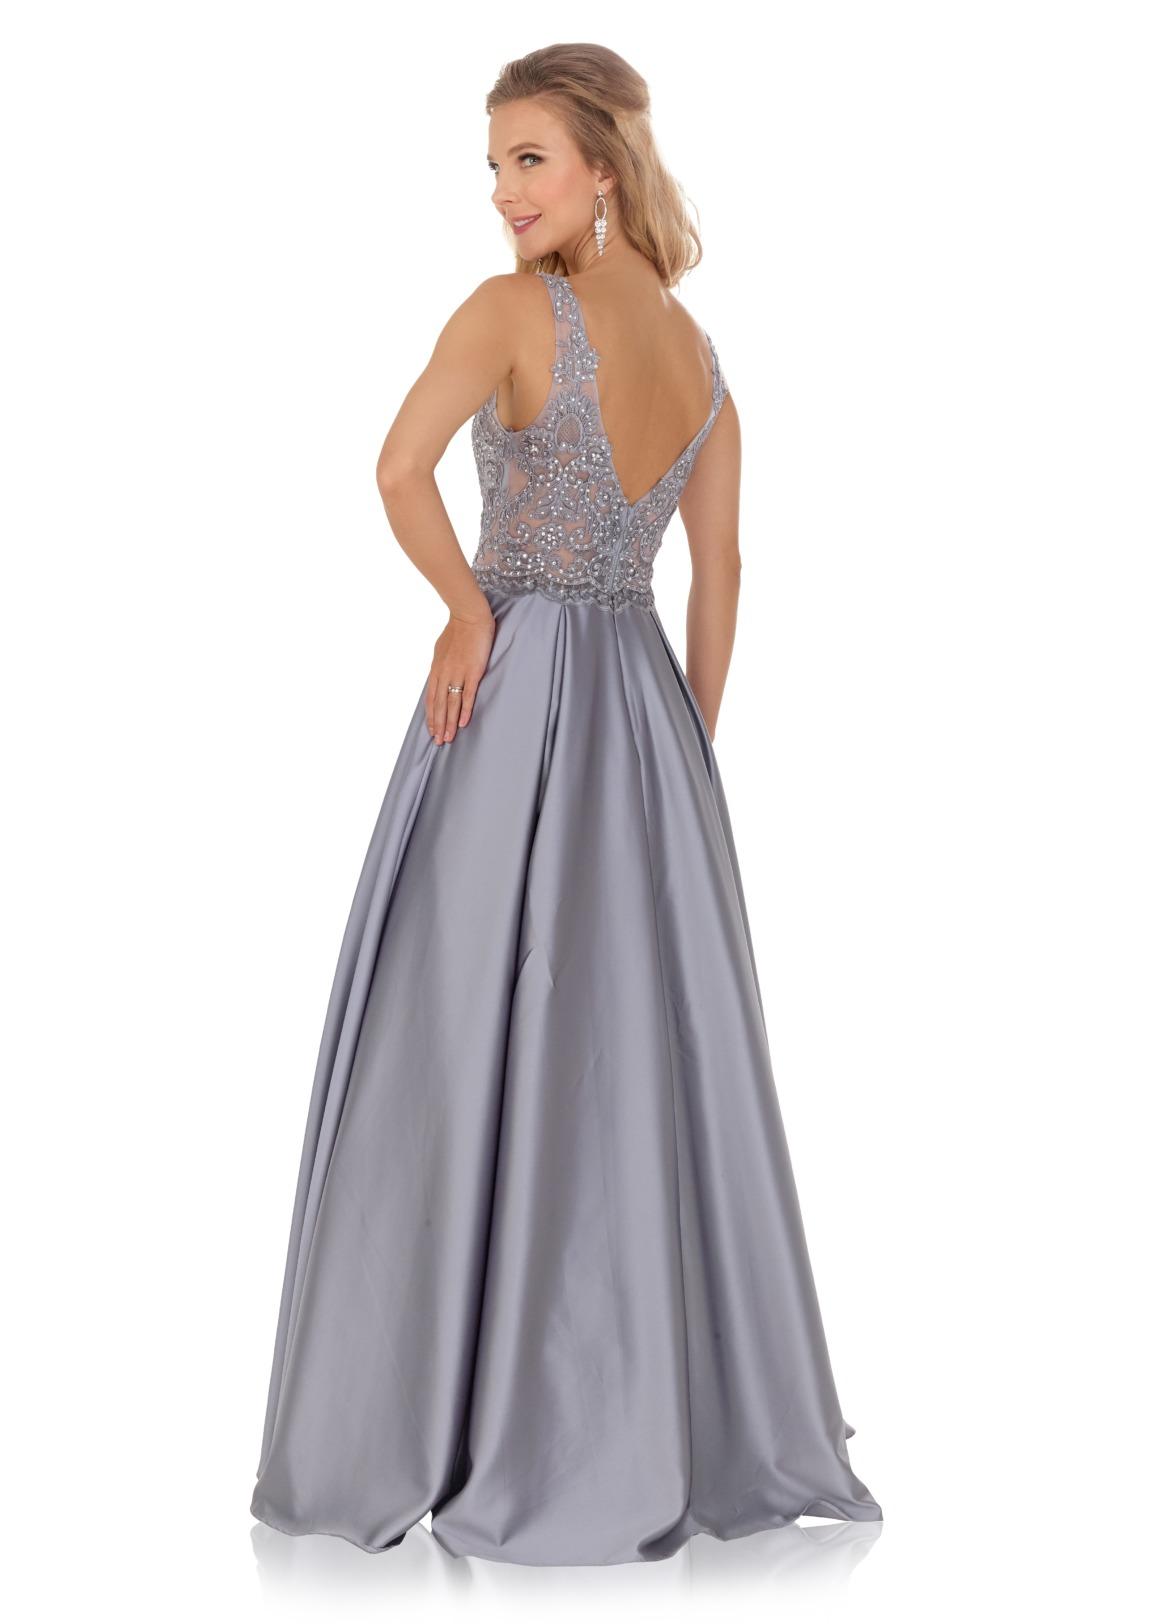 Schützenfest Königinnenkleid Hofdamen Hofstaat Kleid silber grau elegant glitzer Satin Rock Spitze Oberteil V-Ausschnitt